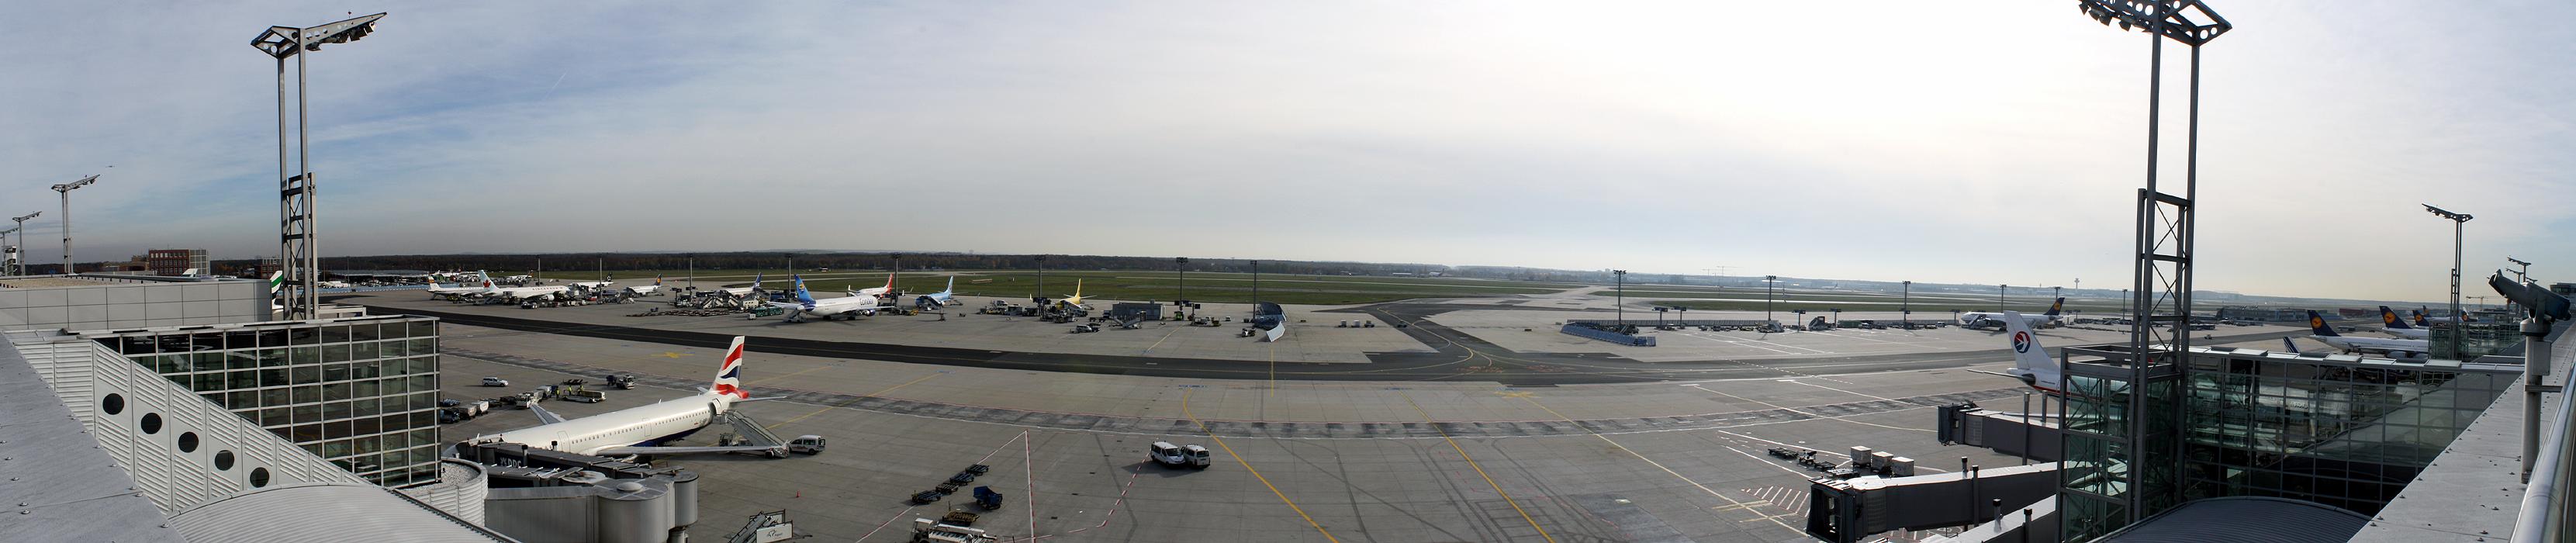 Blick von der Besucherterrasse Terminal 2 am Flughafen Frankfurt - Quelle: www.wikipedia.de